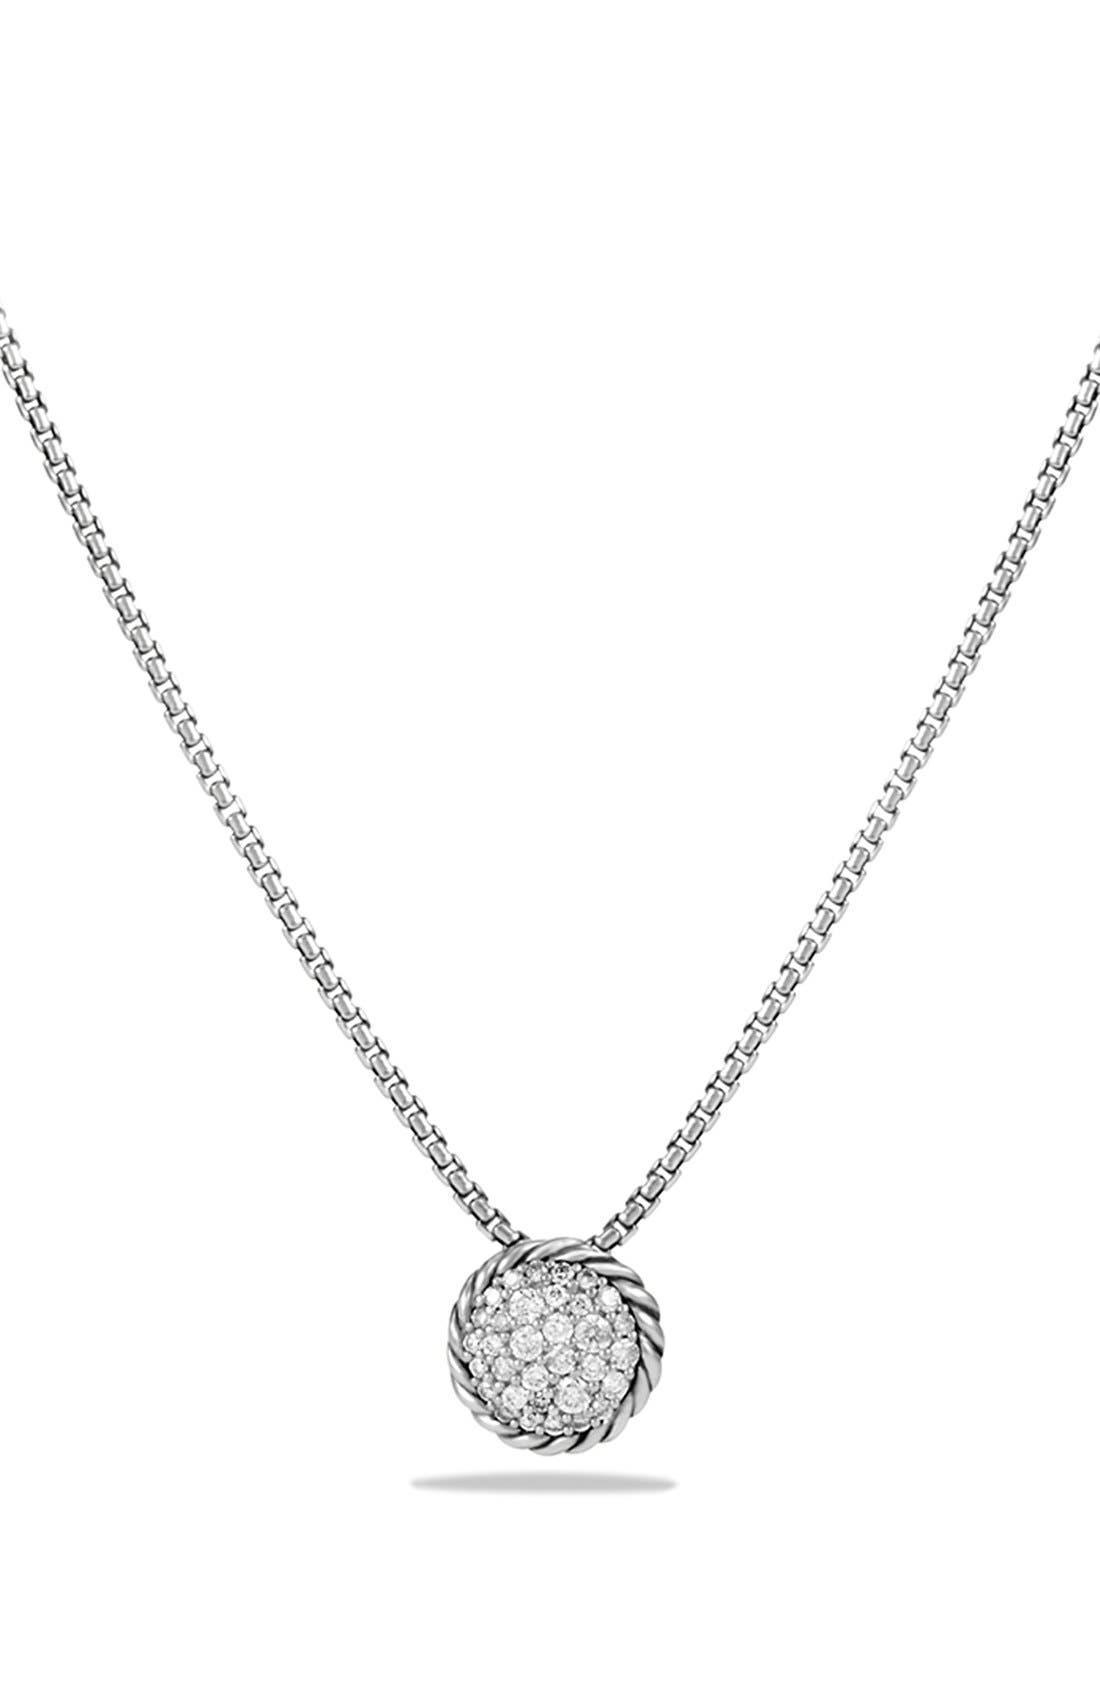 DAVID YURMAN 'Châtelaine' Pavé Pendant Necklace with Black